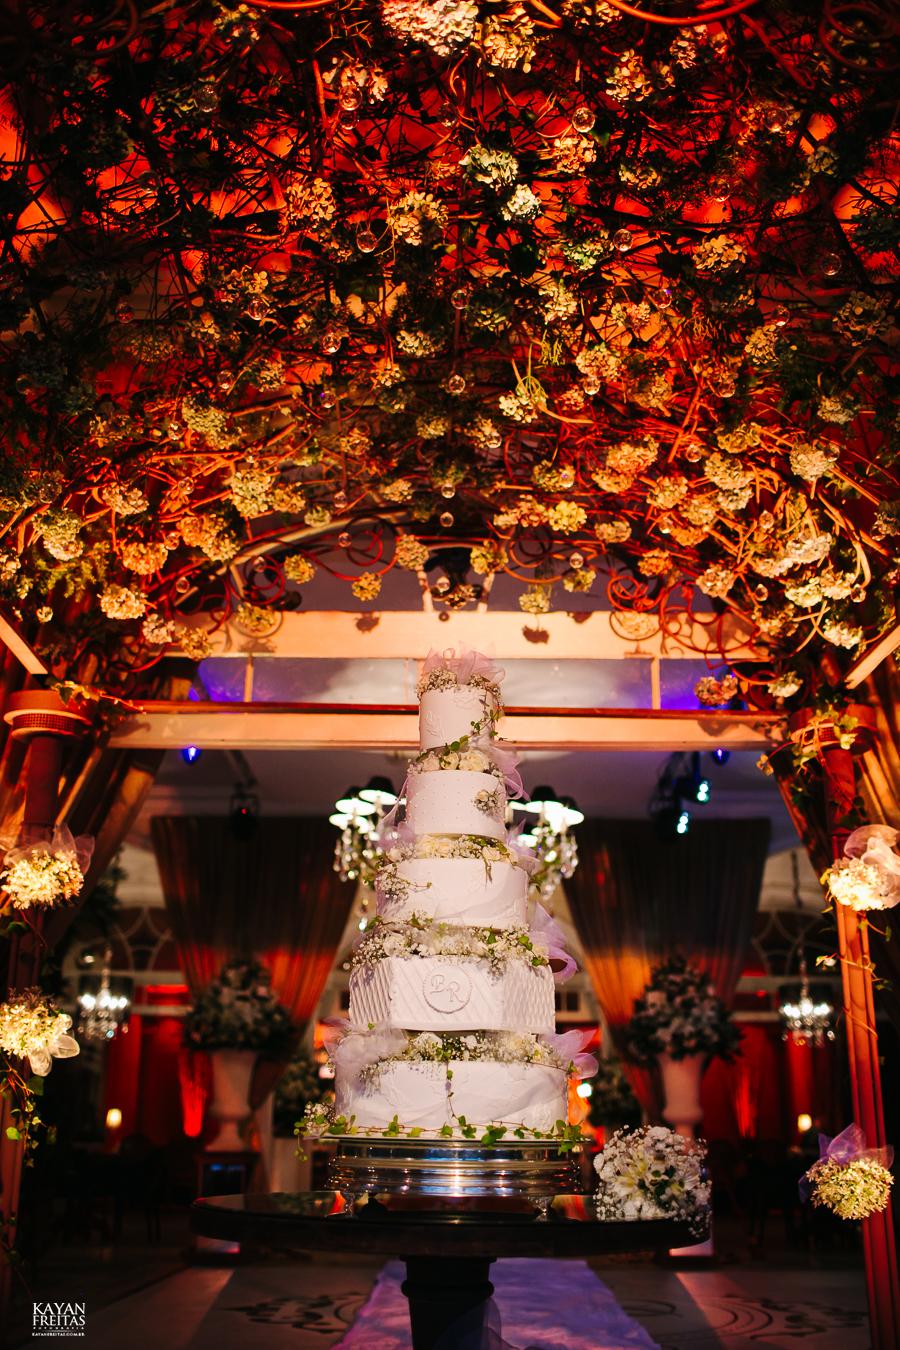 casamento-alamedacasarosa-0013 Casamento Bruna e Renê - Alameda Casa Rosa